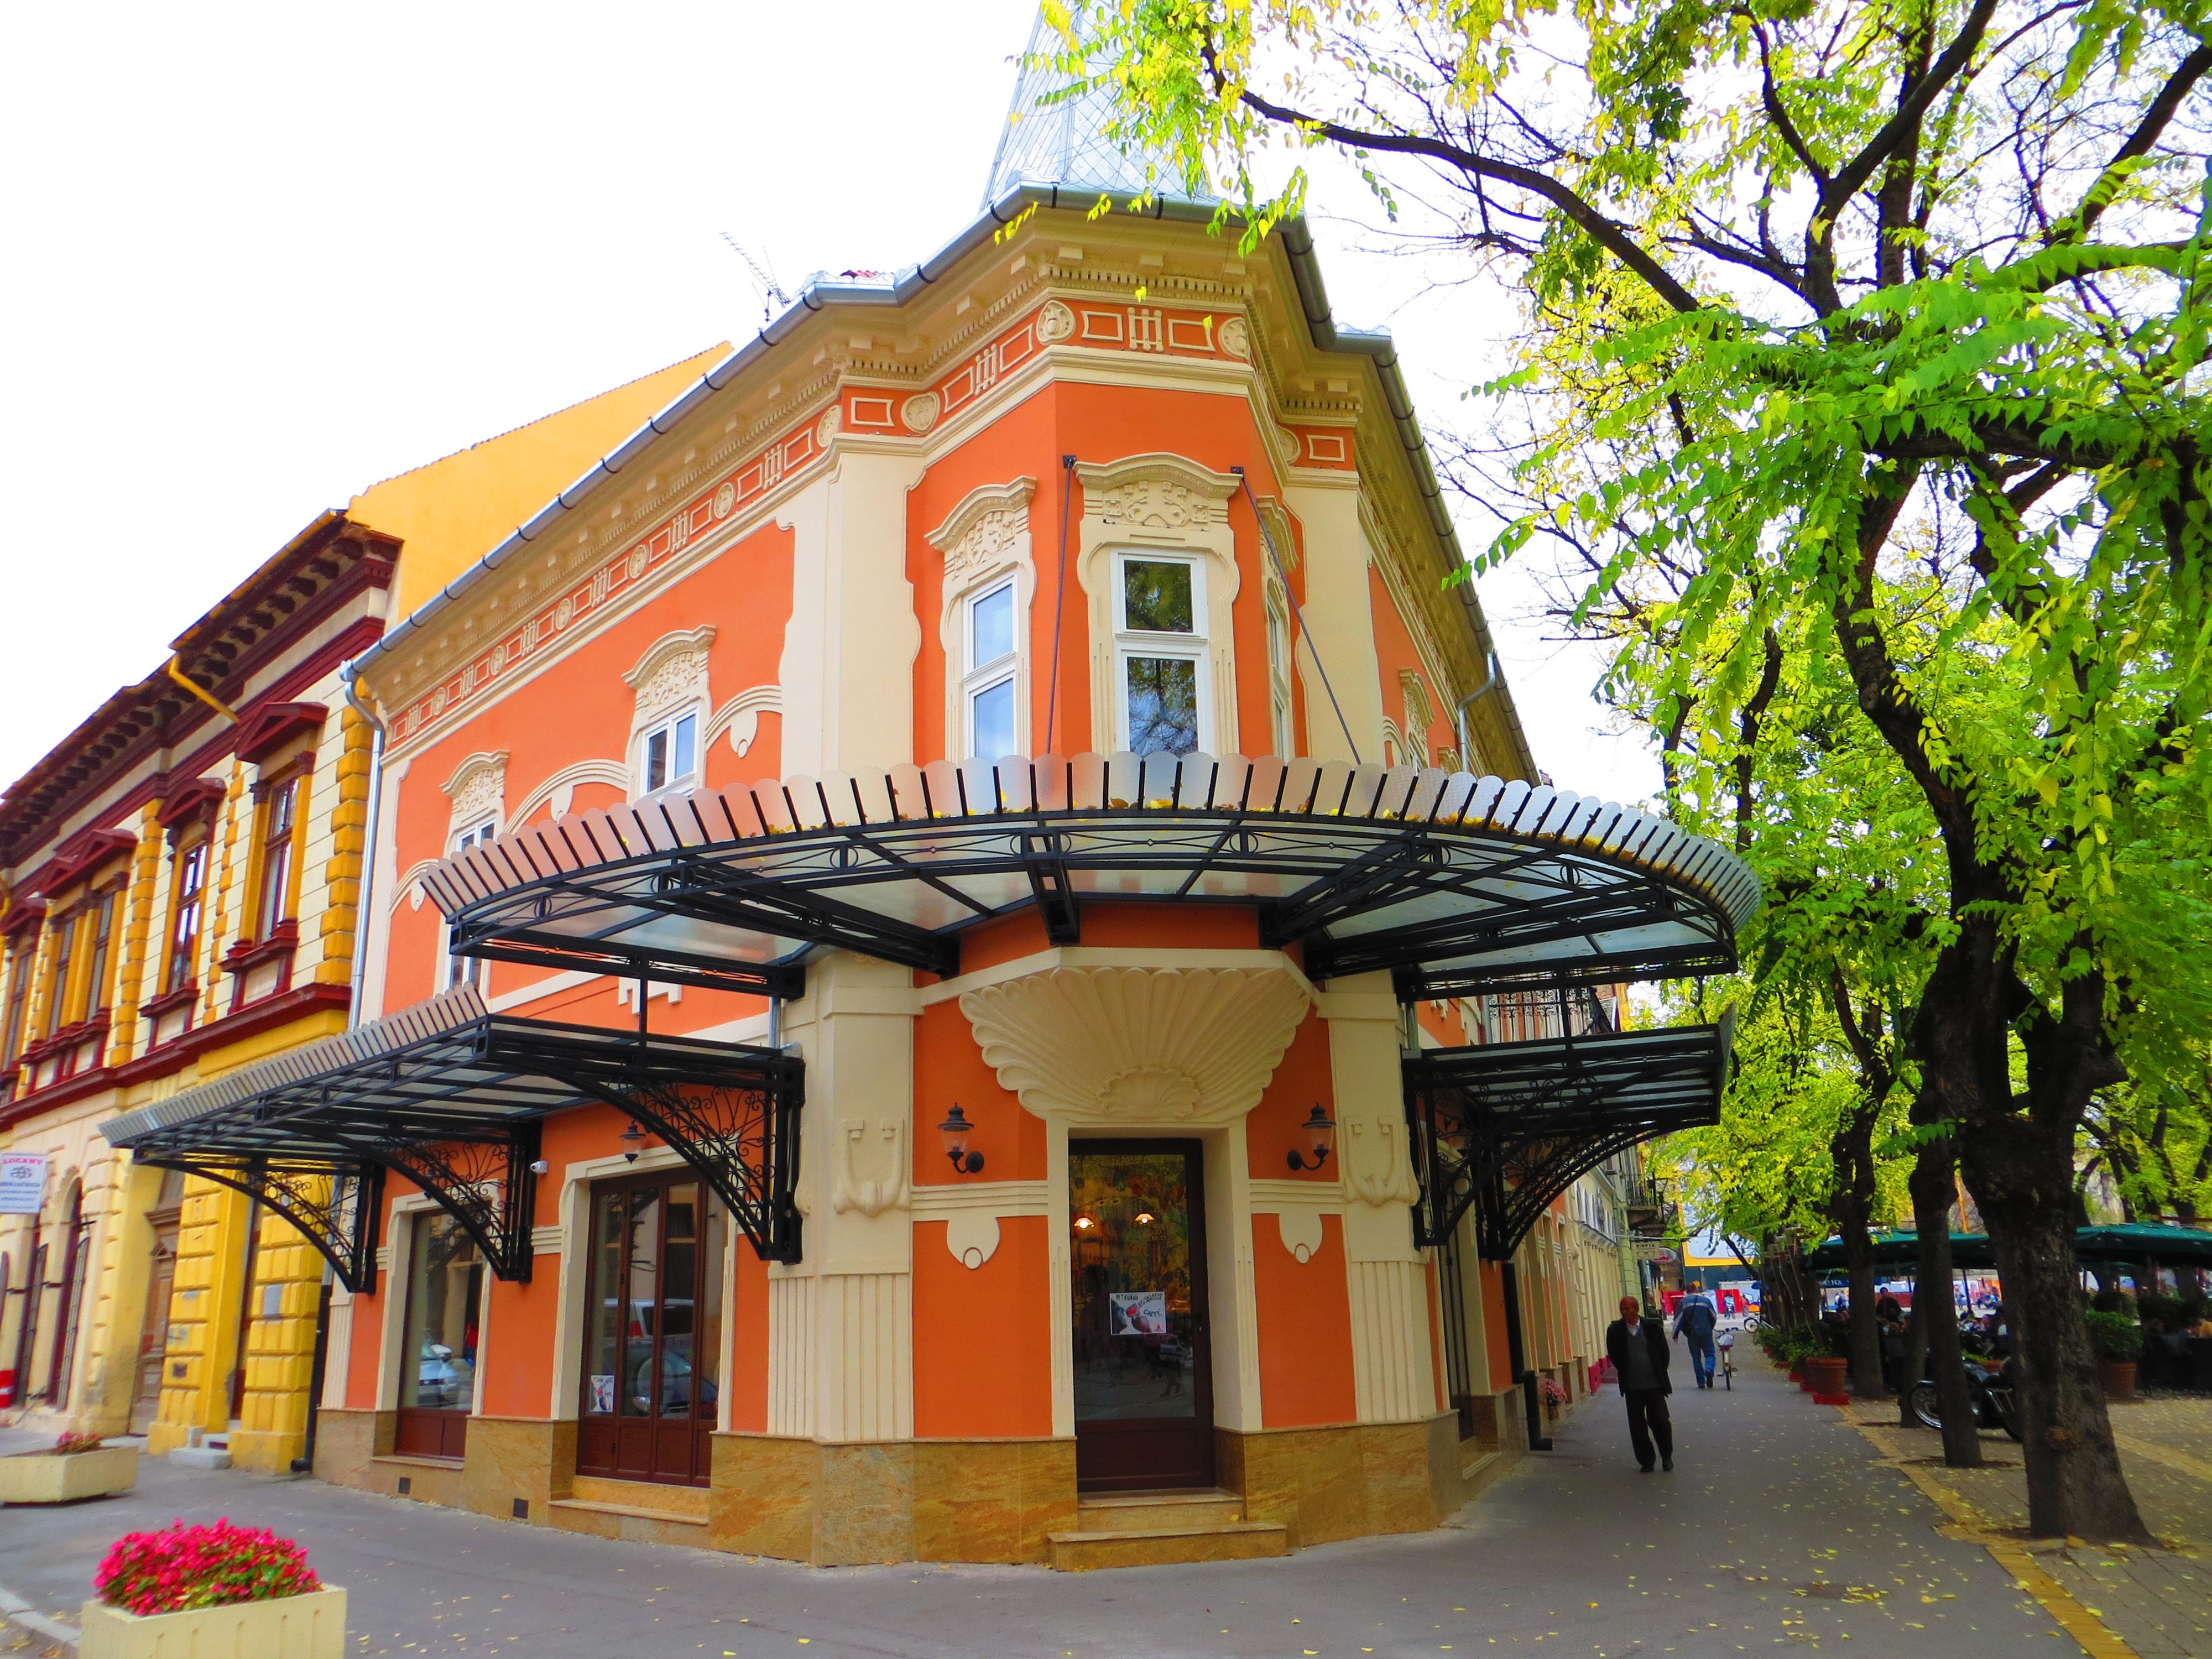 Comuna Mala Subotica, Međimurje